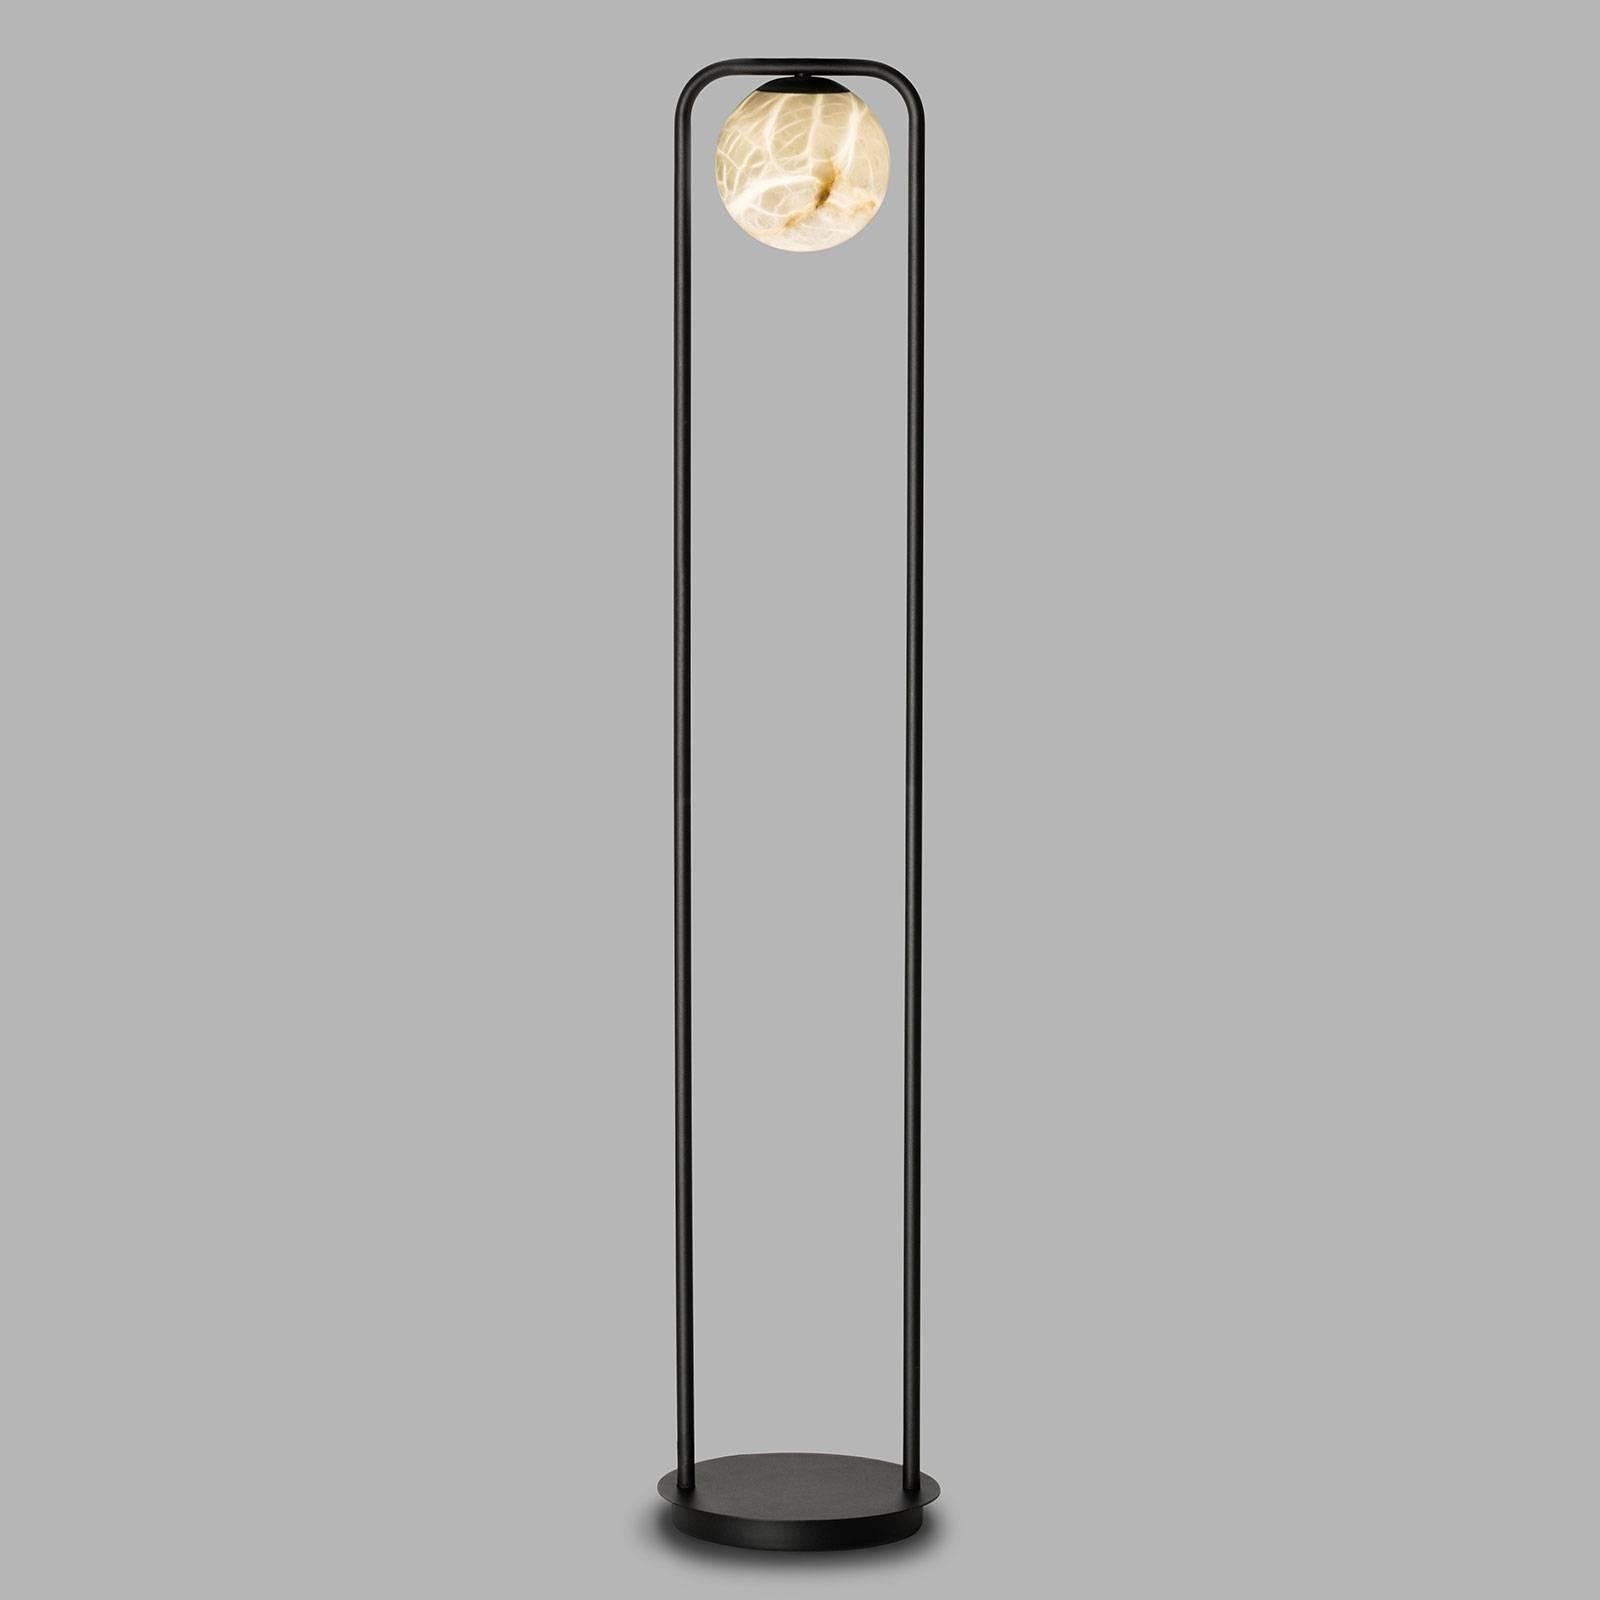 Lampadaire LED Tribeca avec albâtre à 1 lampe